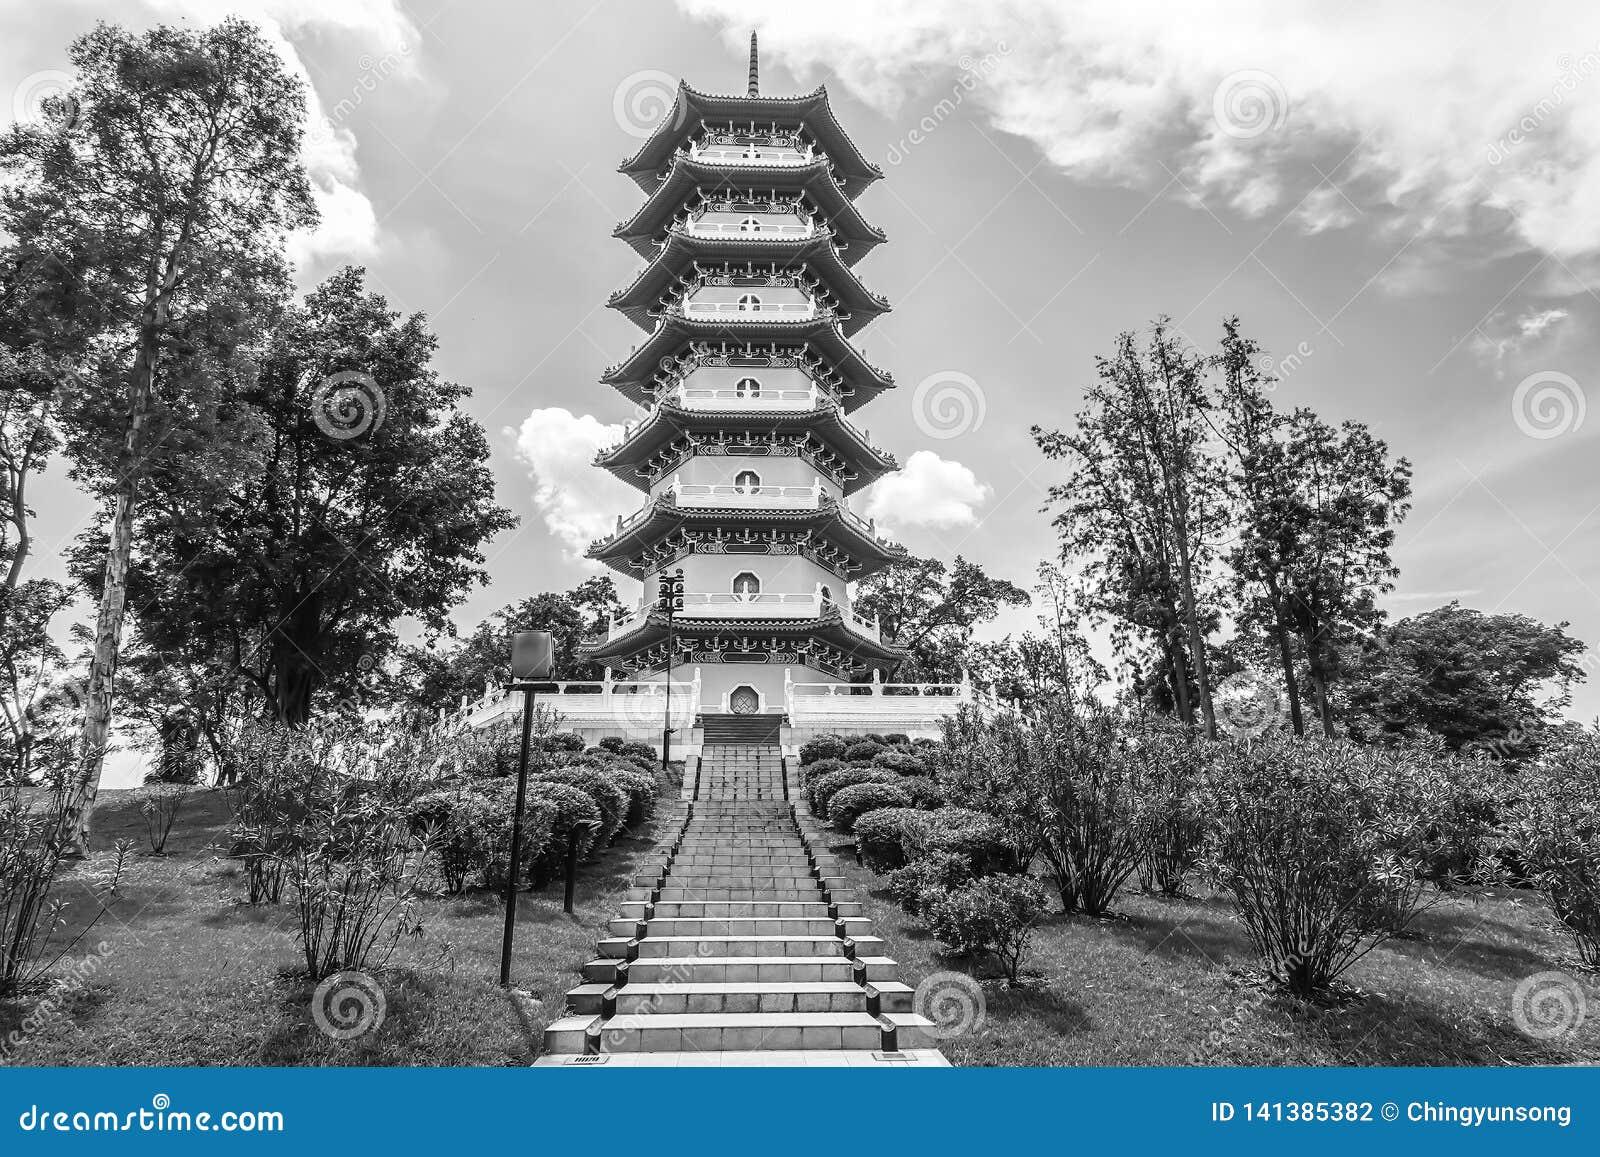 Blanco y negro de la pagoda china de los jardines es uno de los iconos más reconocibles de Singapur